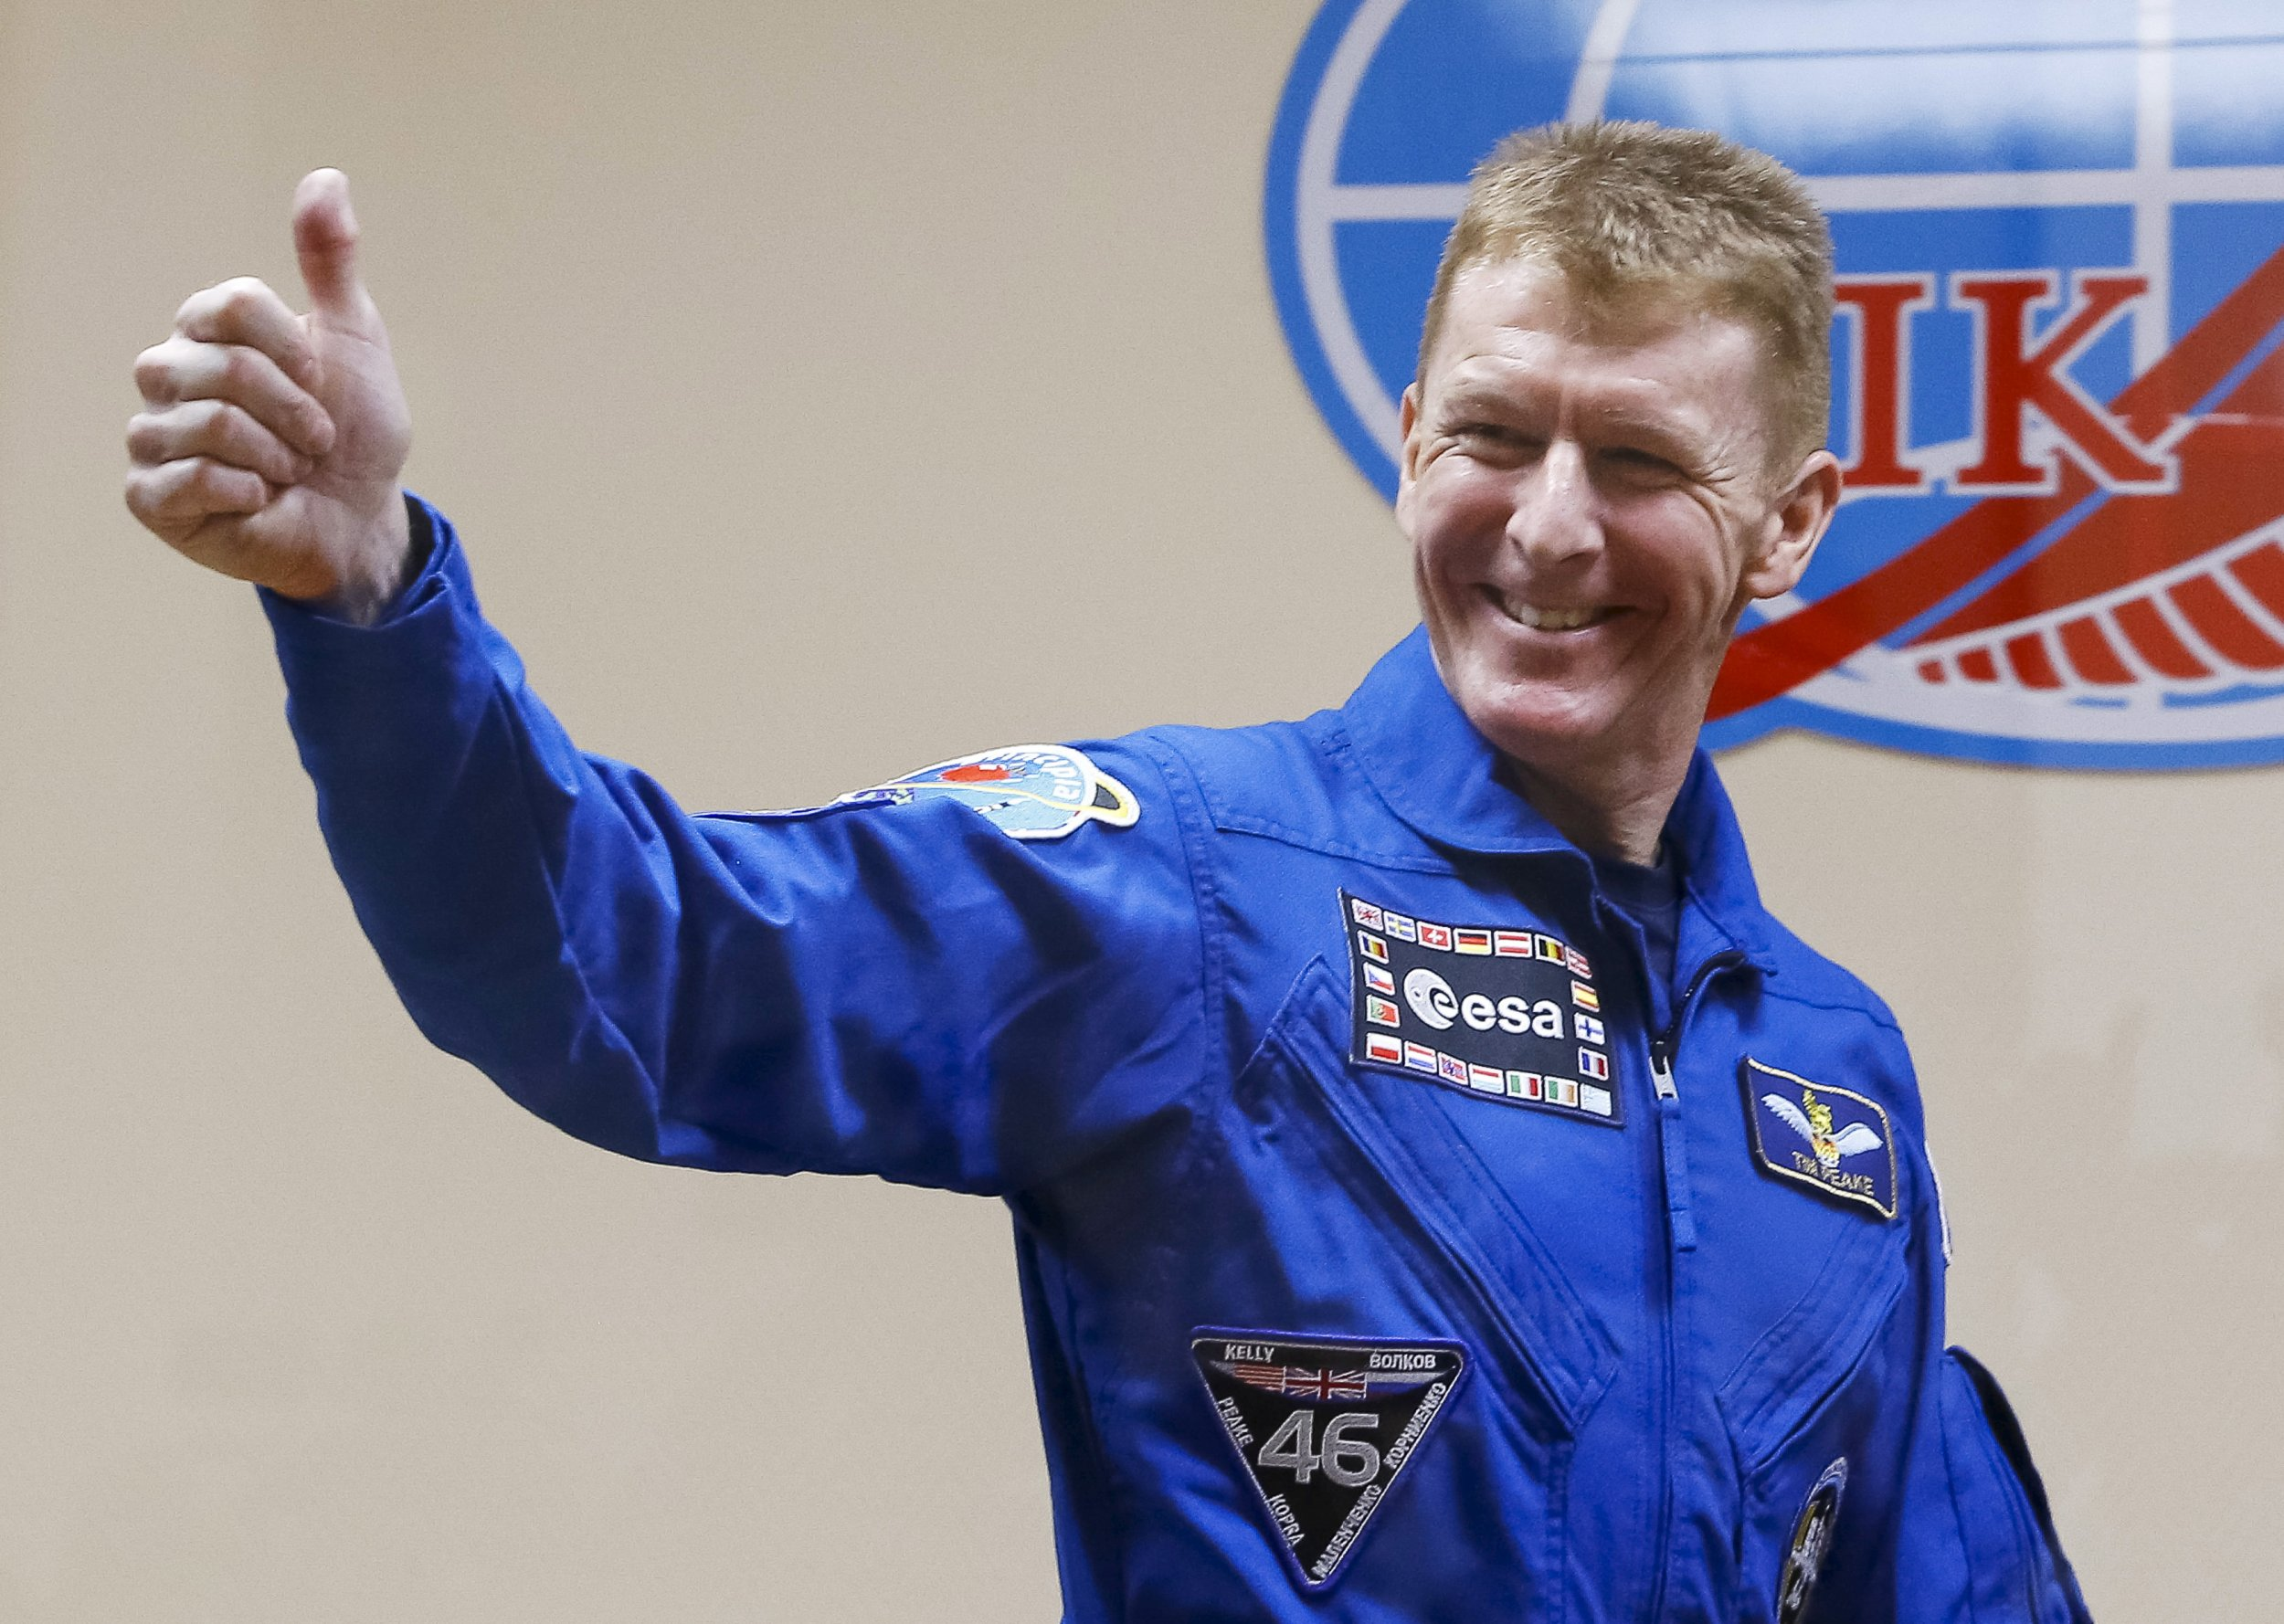 1215_Brit_astronaut